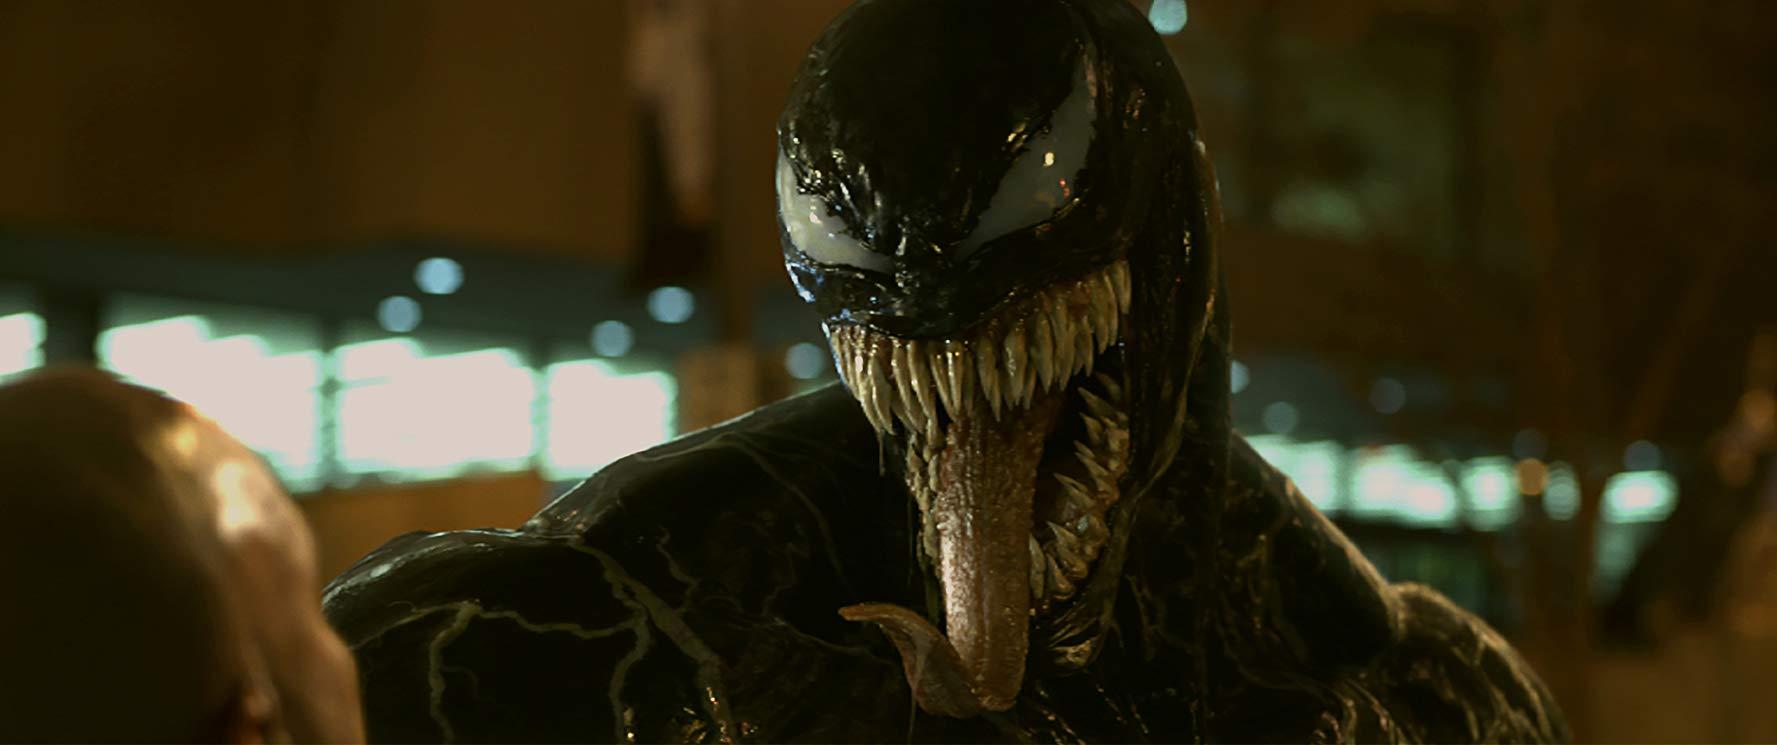 Venom - 2018 (Source: IMDb / Playback)